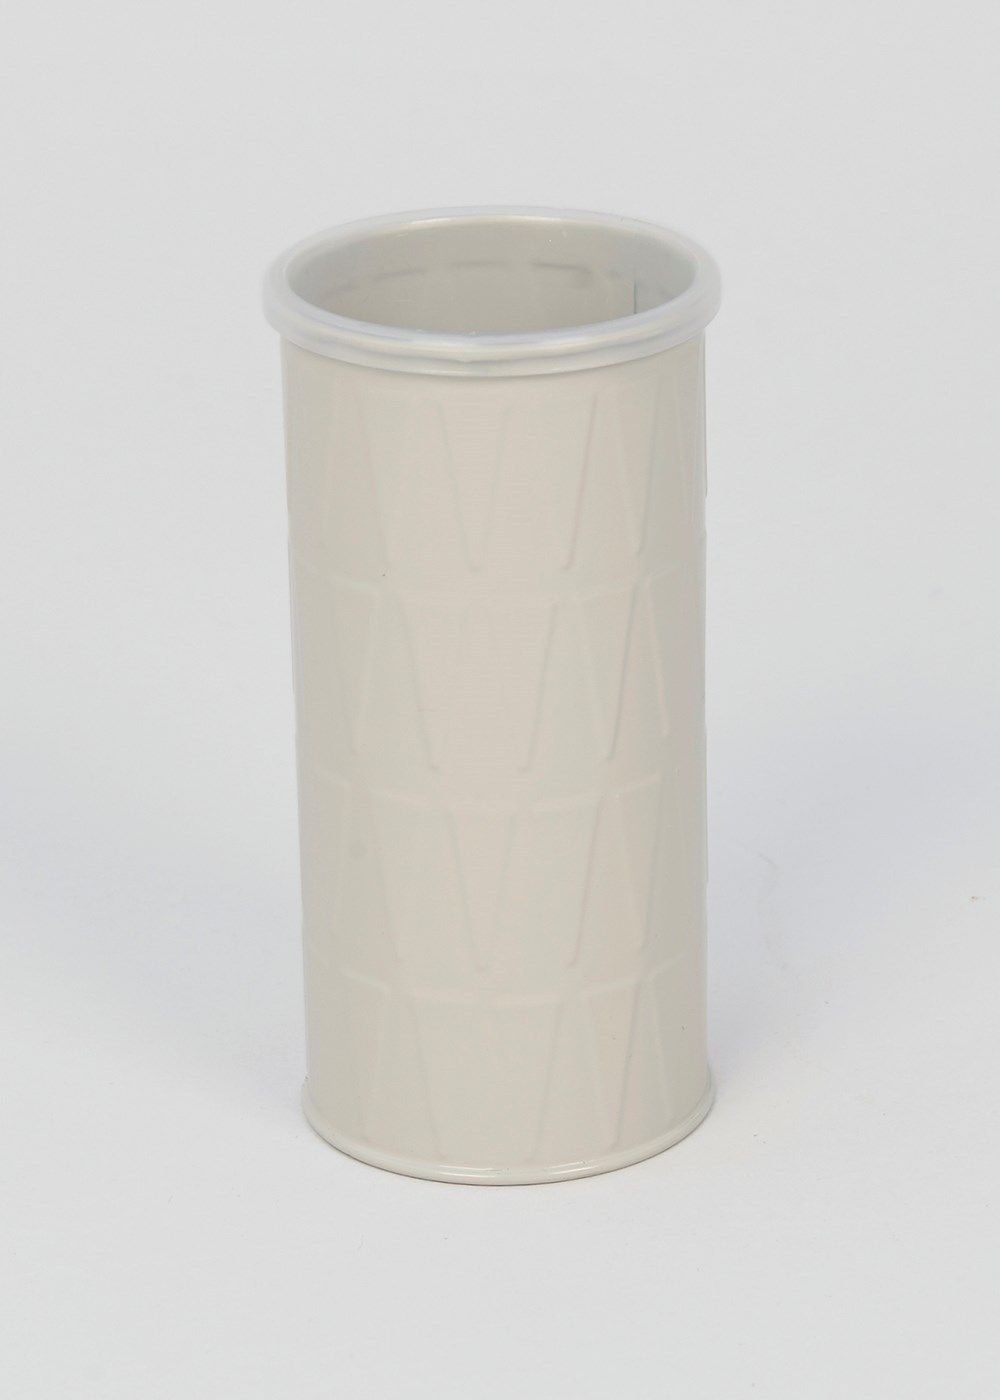 Bathroom Retro Tumbler (13cm x 6cm) - Matalan